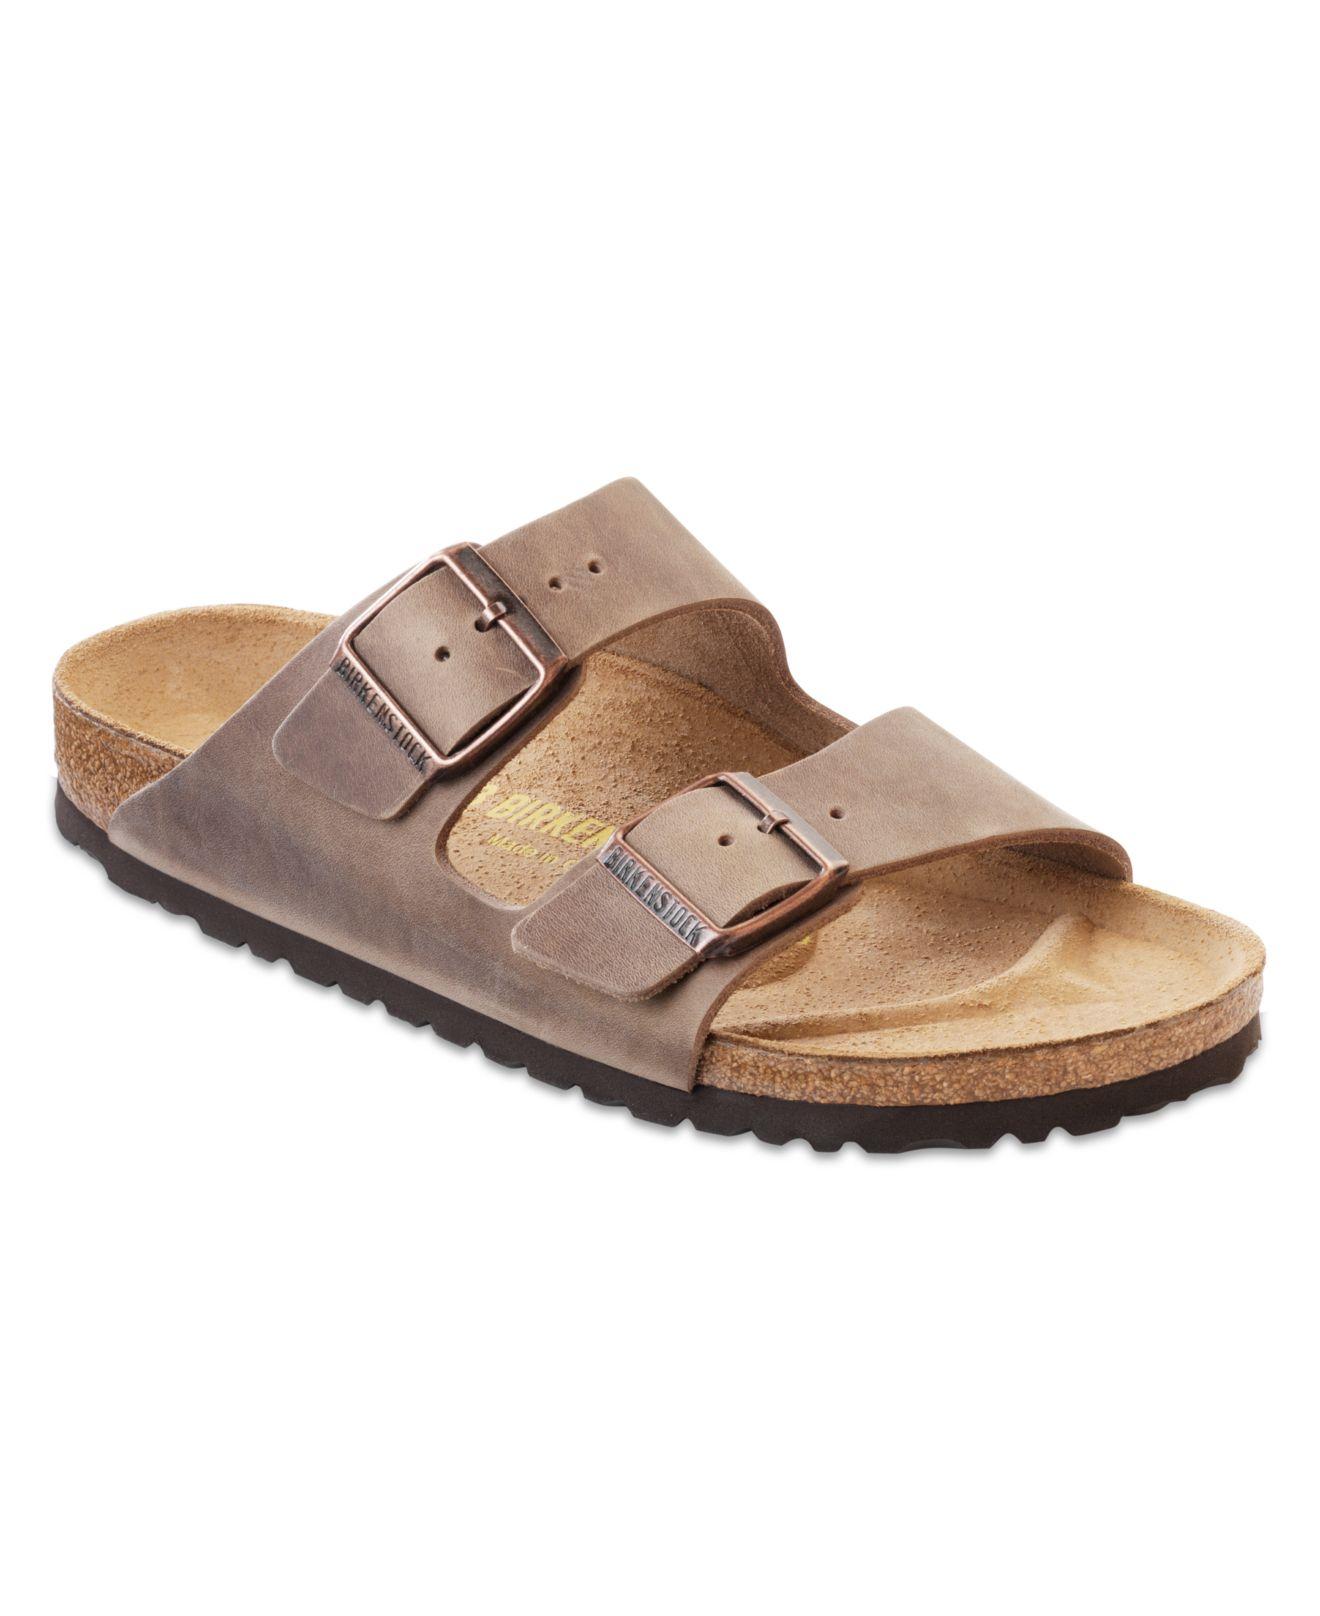 birkenstock antique brown leather arizona slide sandal